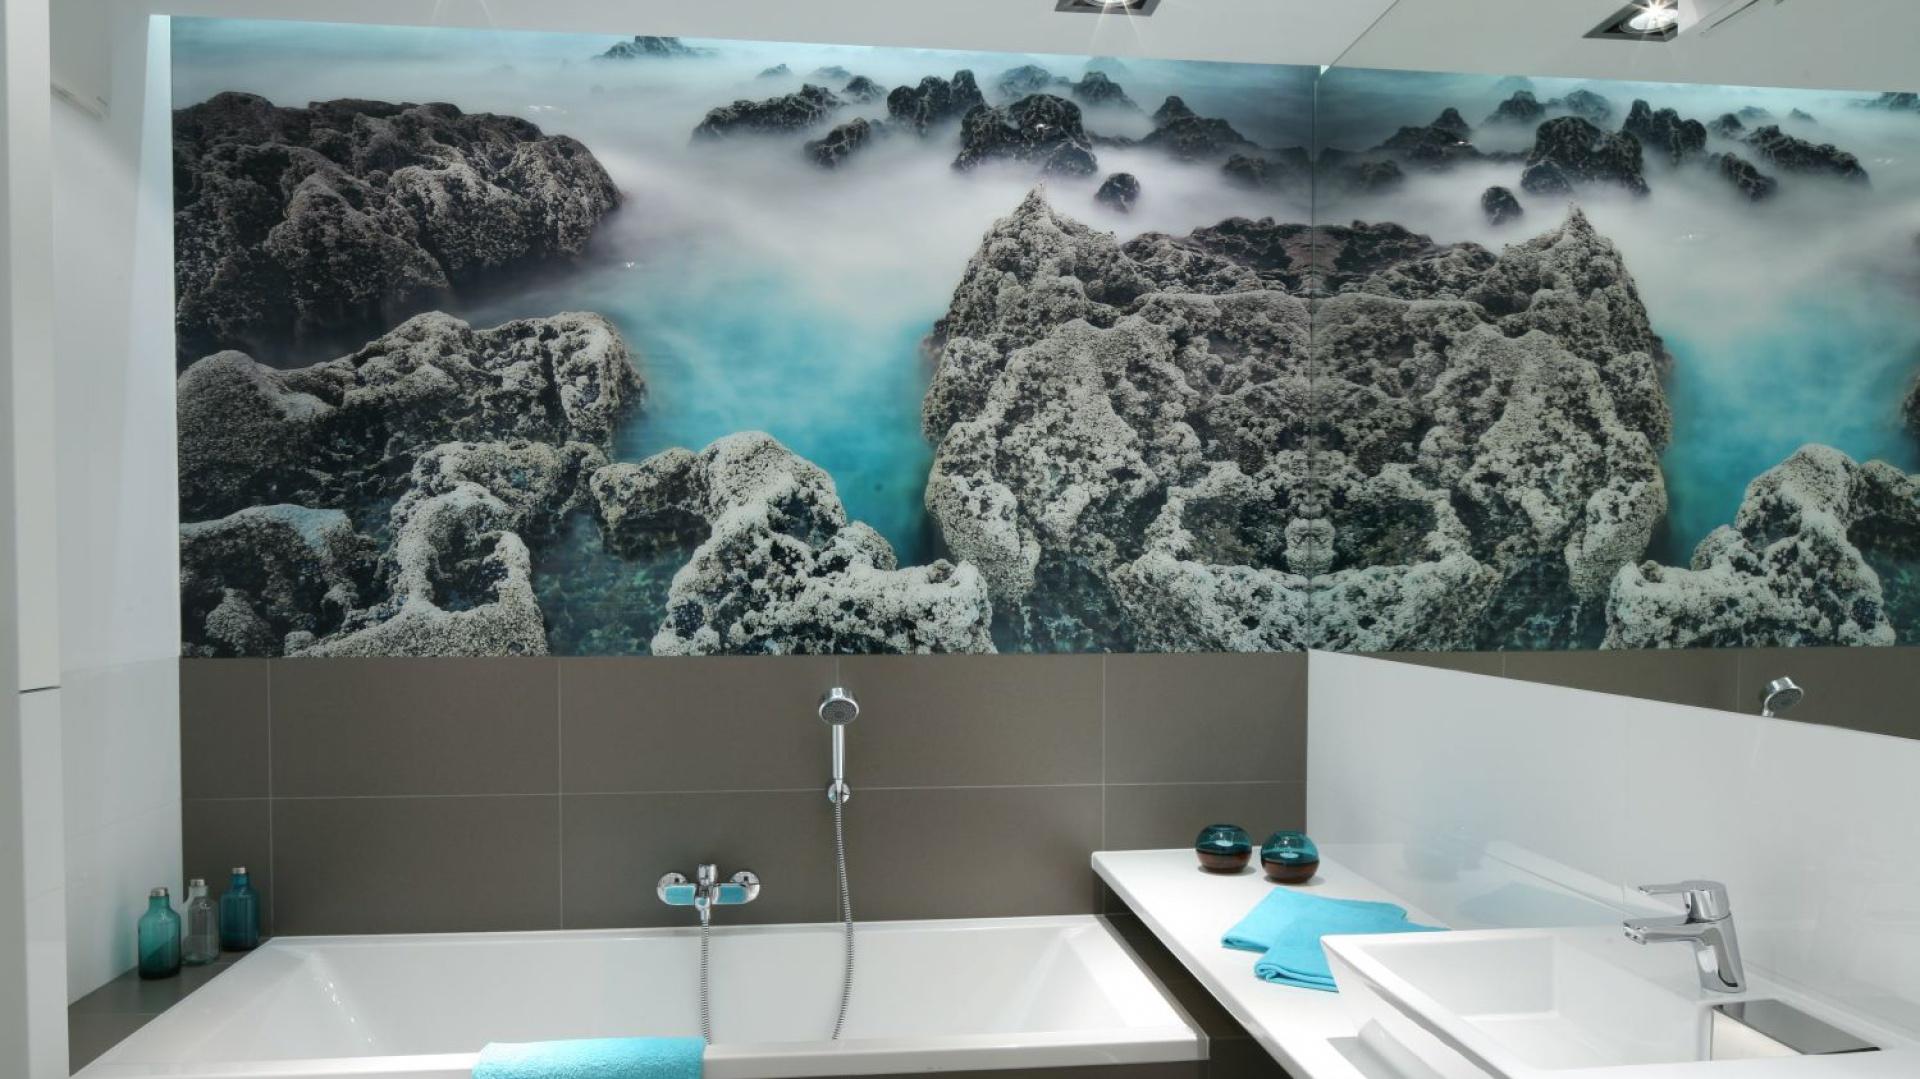 Zabezpieczona szkłem fototapeta ze zdjęciem rafy koralowej kolorystycznie współgra z wystrojem łazienki oraz nadaje jej oryginalny charakter. Projekt: Anna Maria Sokołowska. Fot. Bartosz Jarosz.